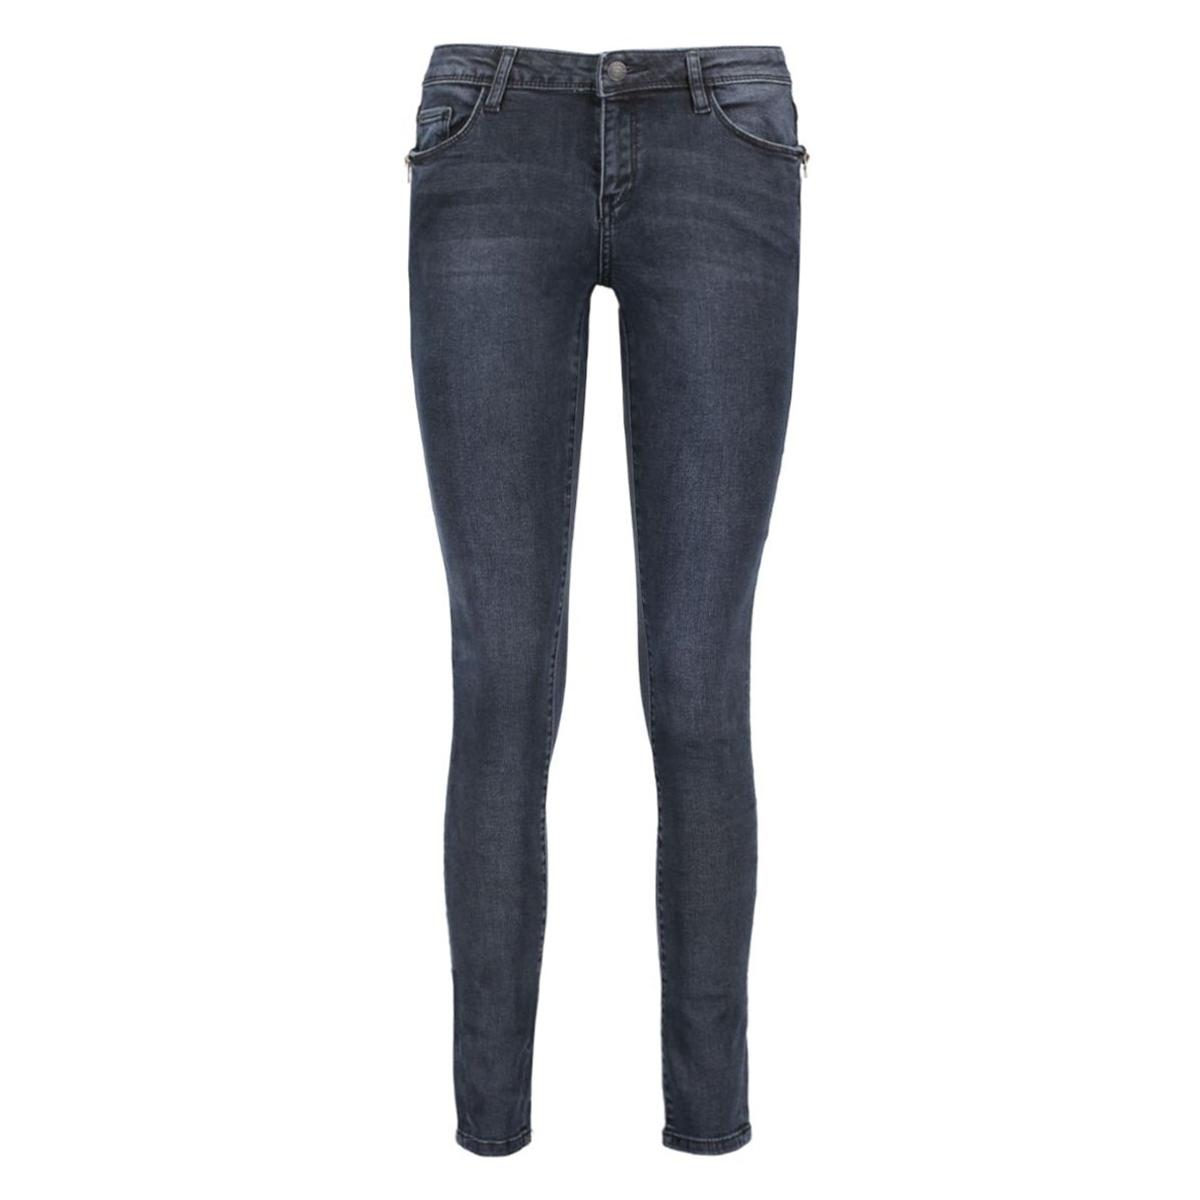 106ee1b030 esprit jeans e901